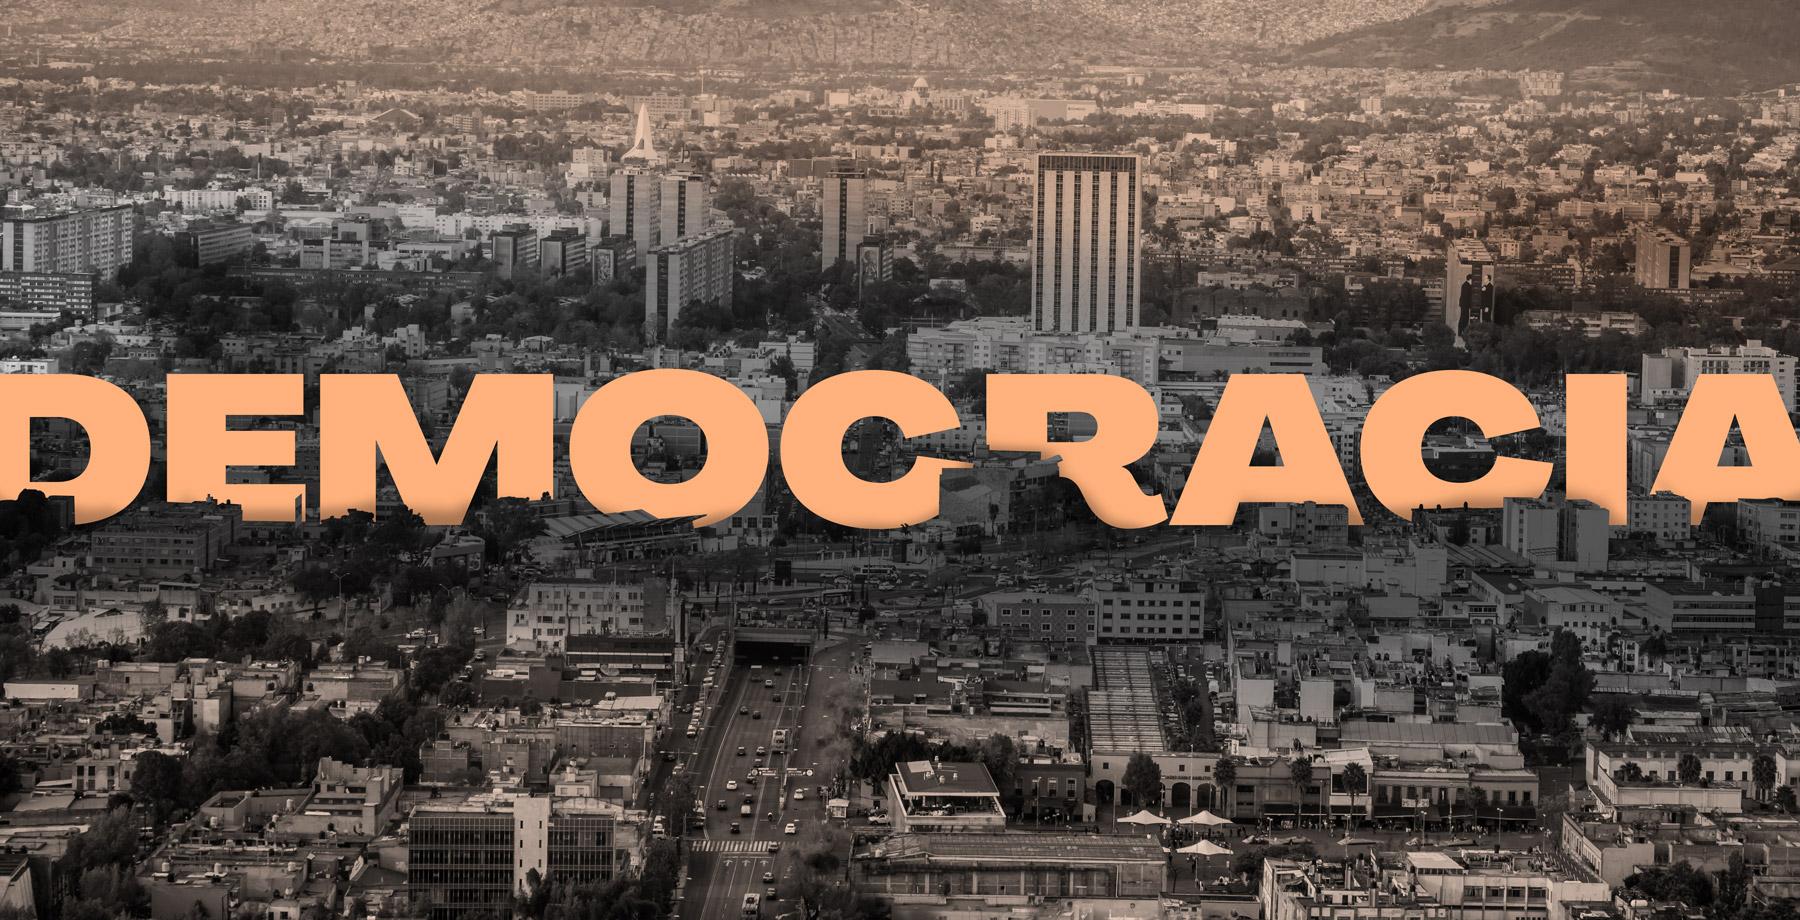 La democracia es un trabajo continuo: una mirada de los desafíos (Parte 2)